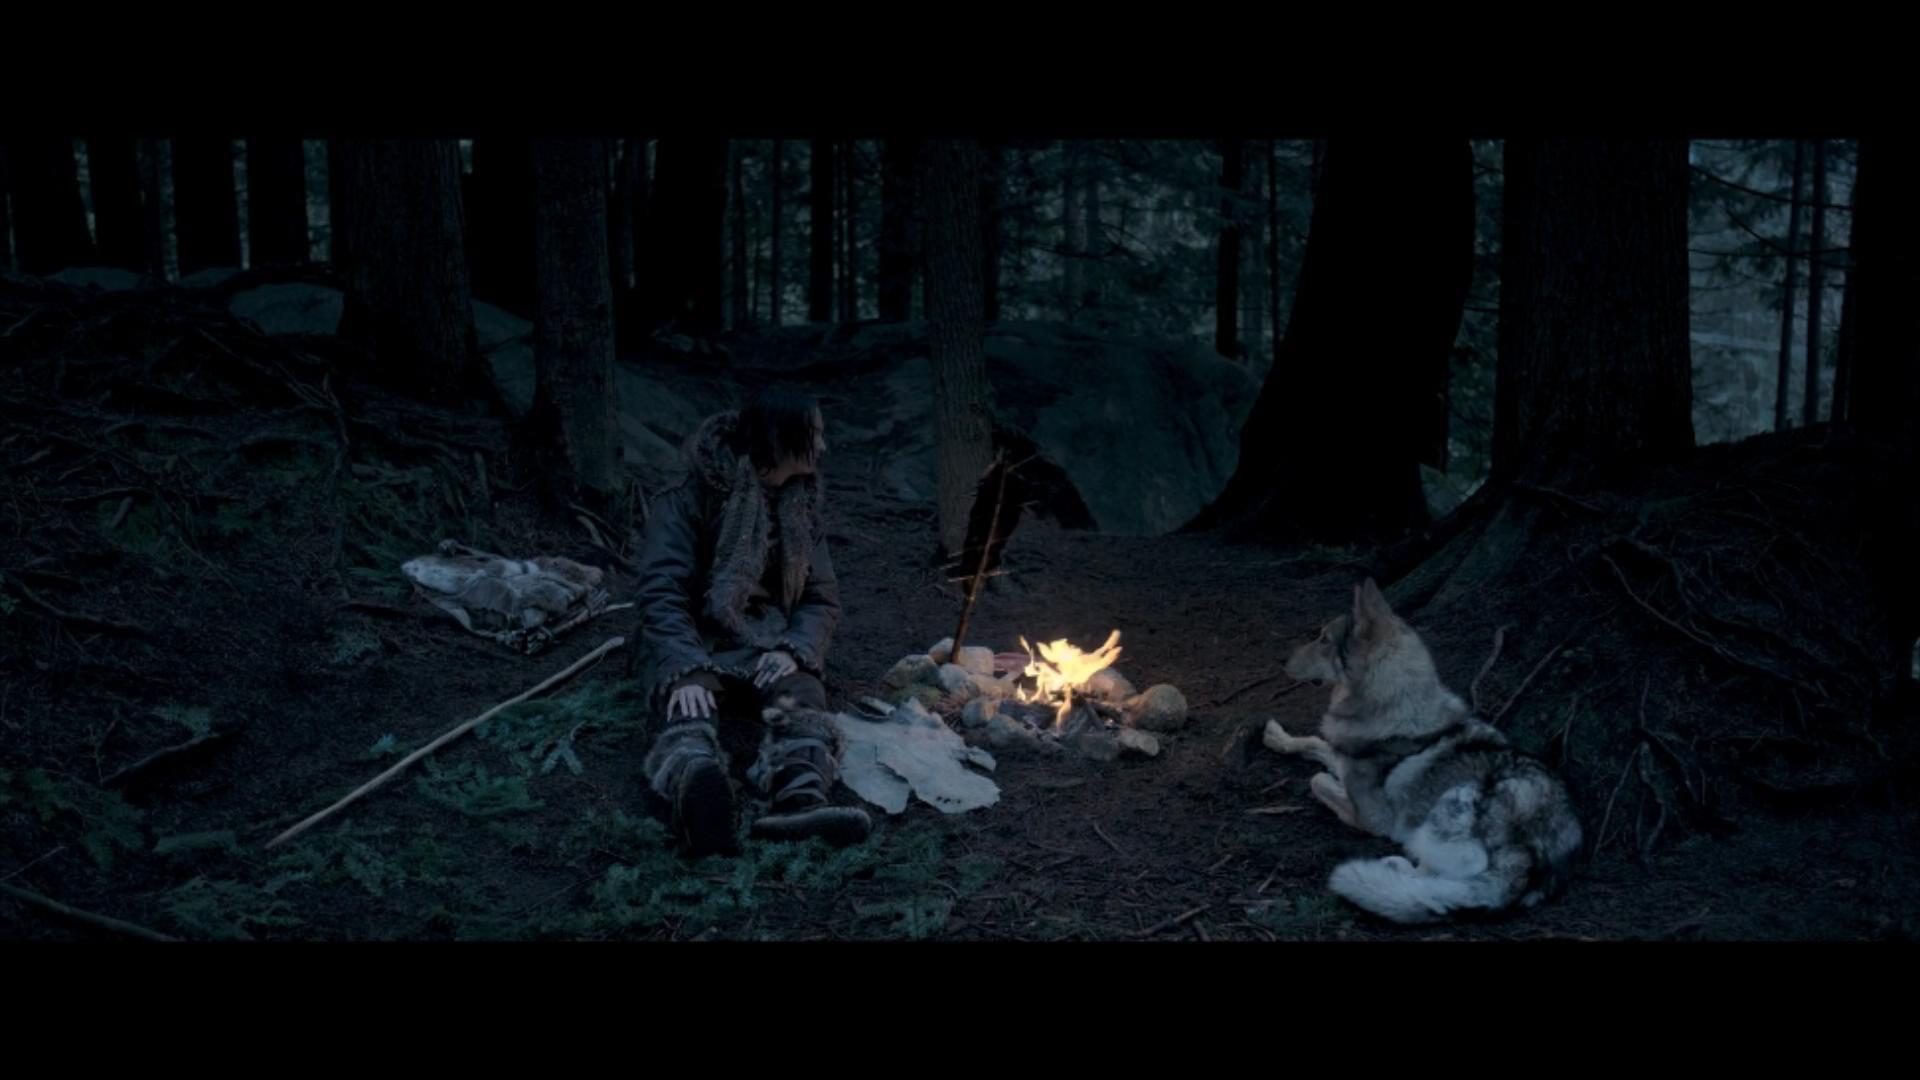 2018《阿尔法:狼伴归途》2700字,7分钟剧情解说稿-第9张图片